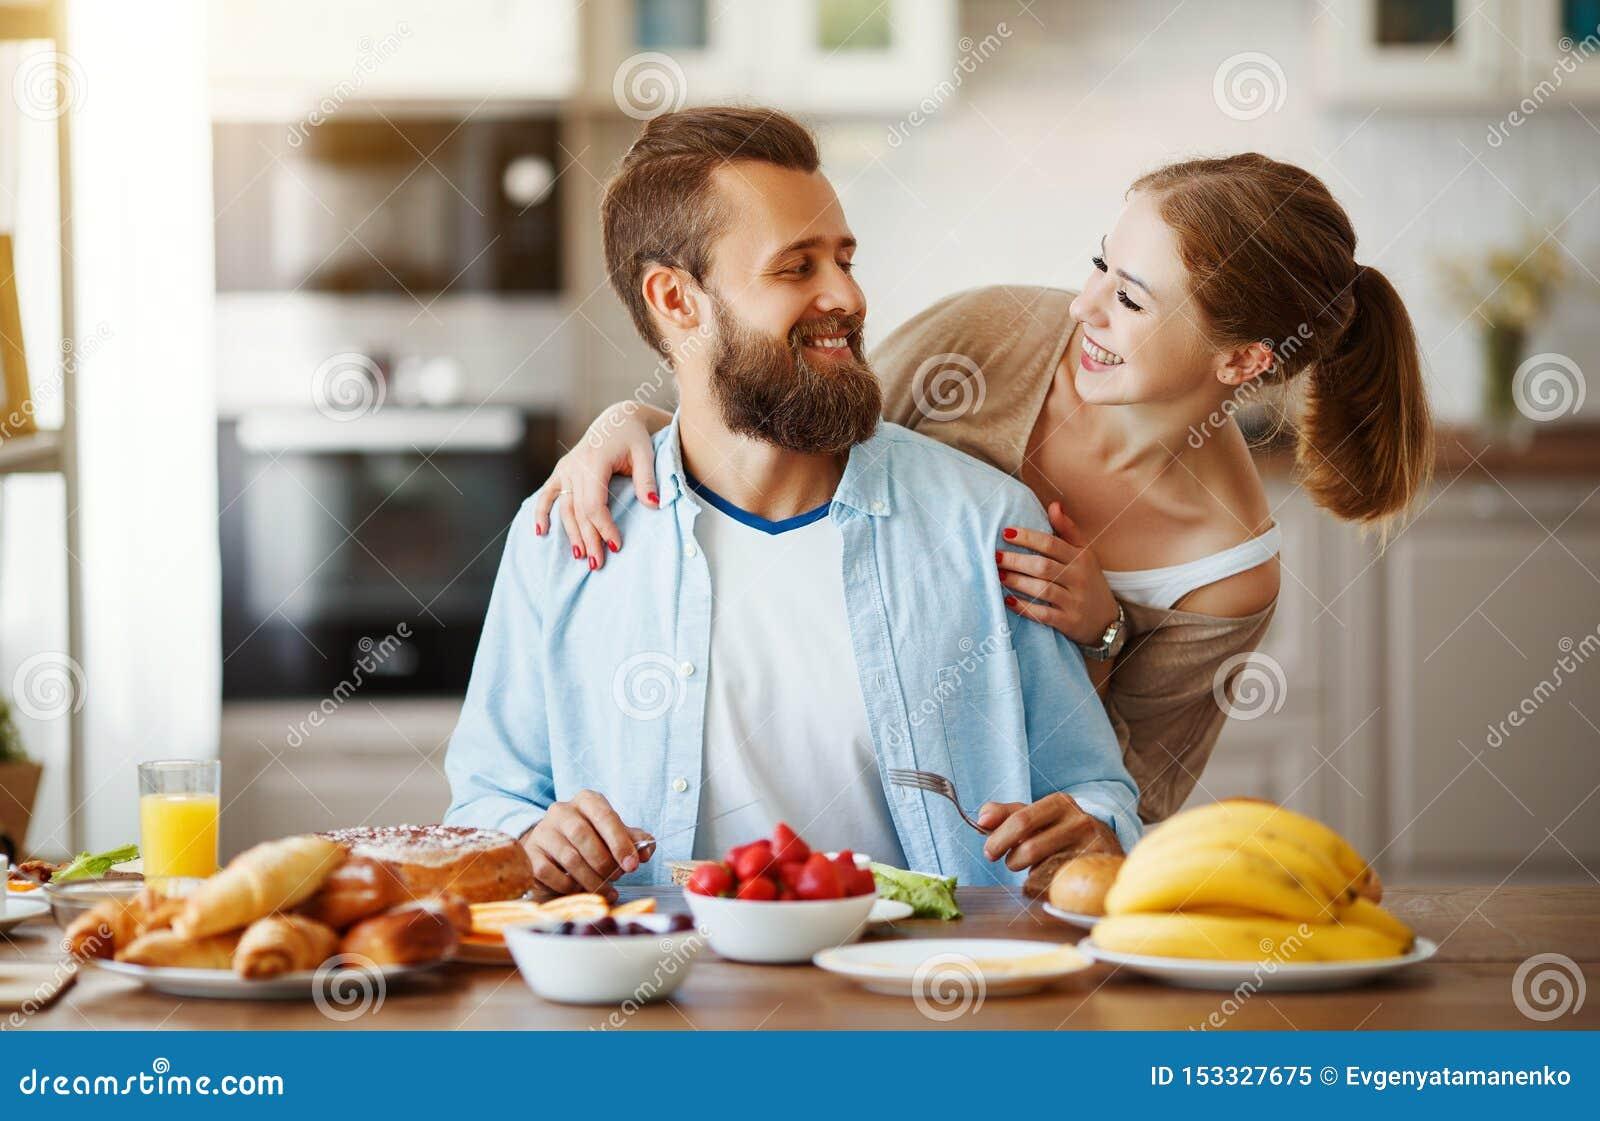 Familienglückliches paar frühstücken in der Küche am Morgen